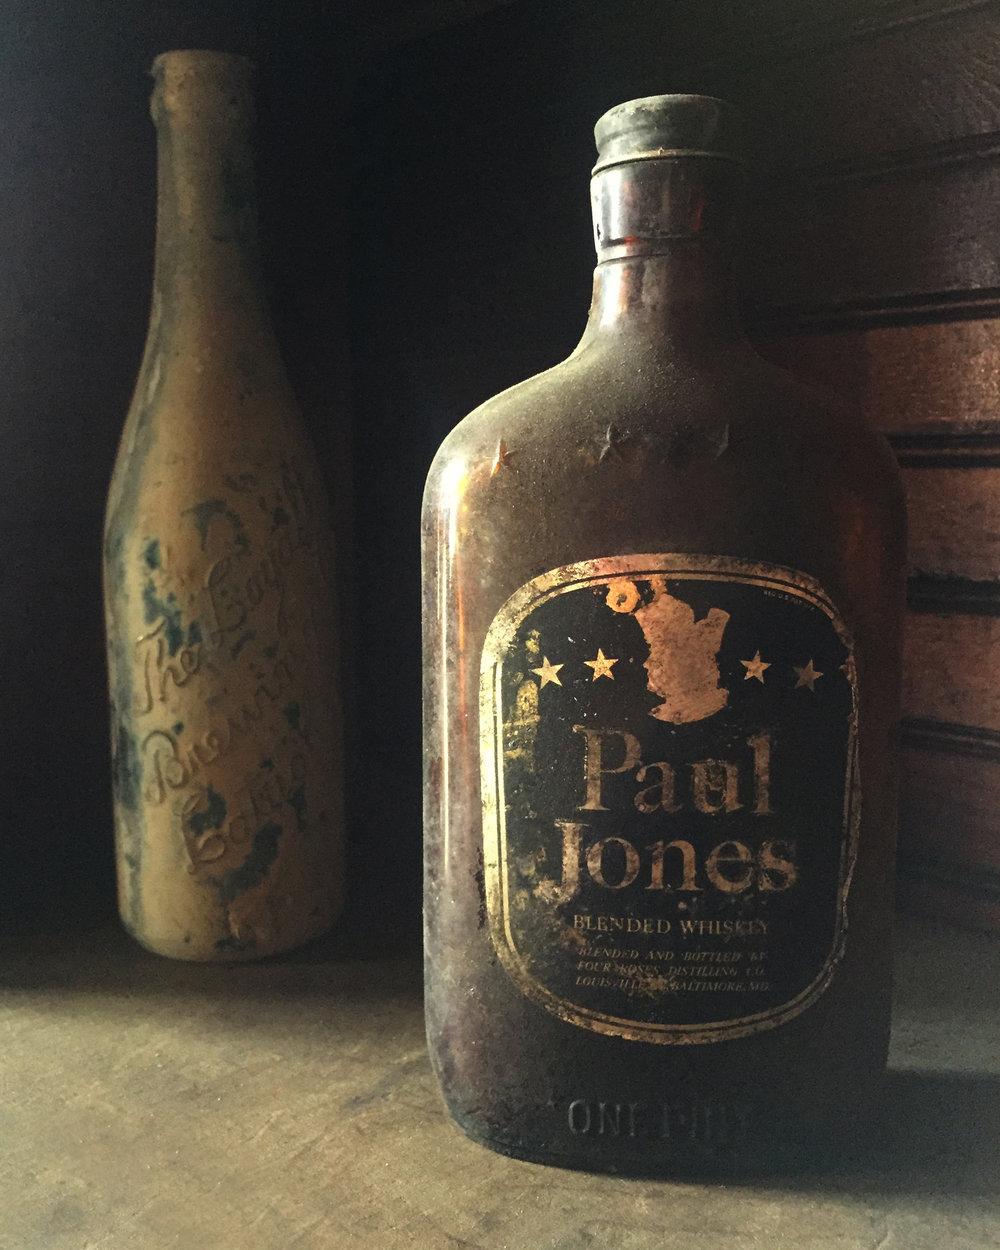 PaulJones.jpg